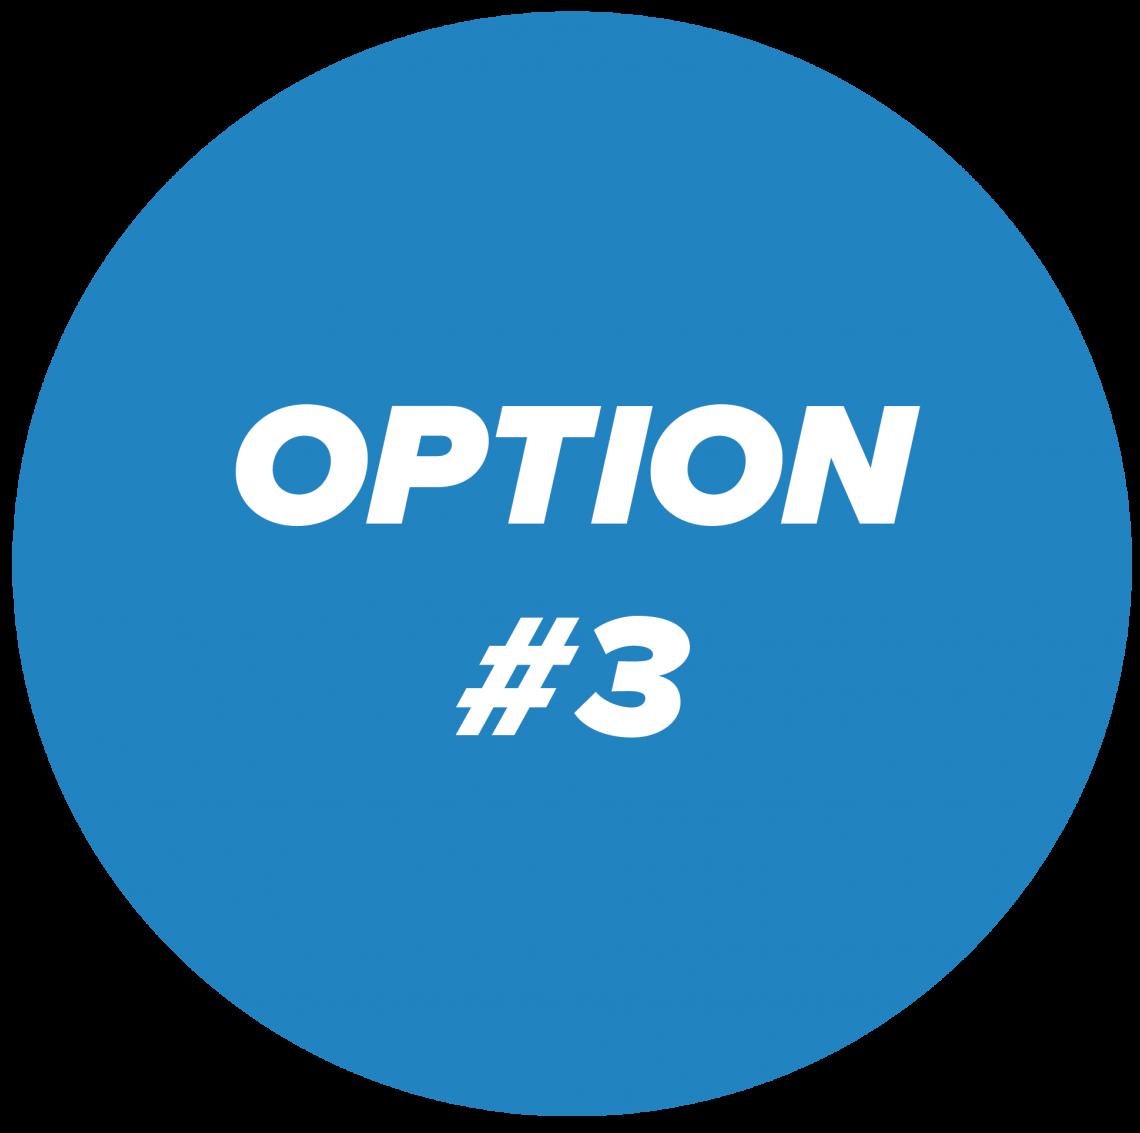 option #3